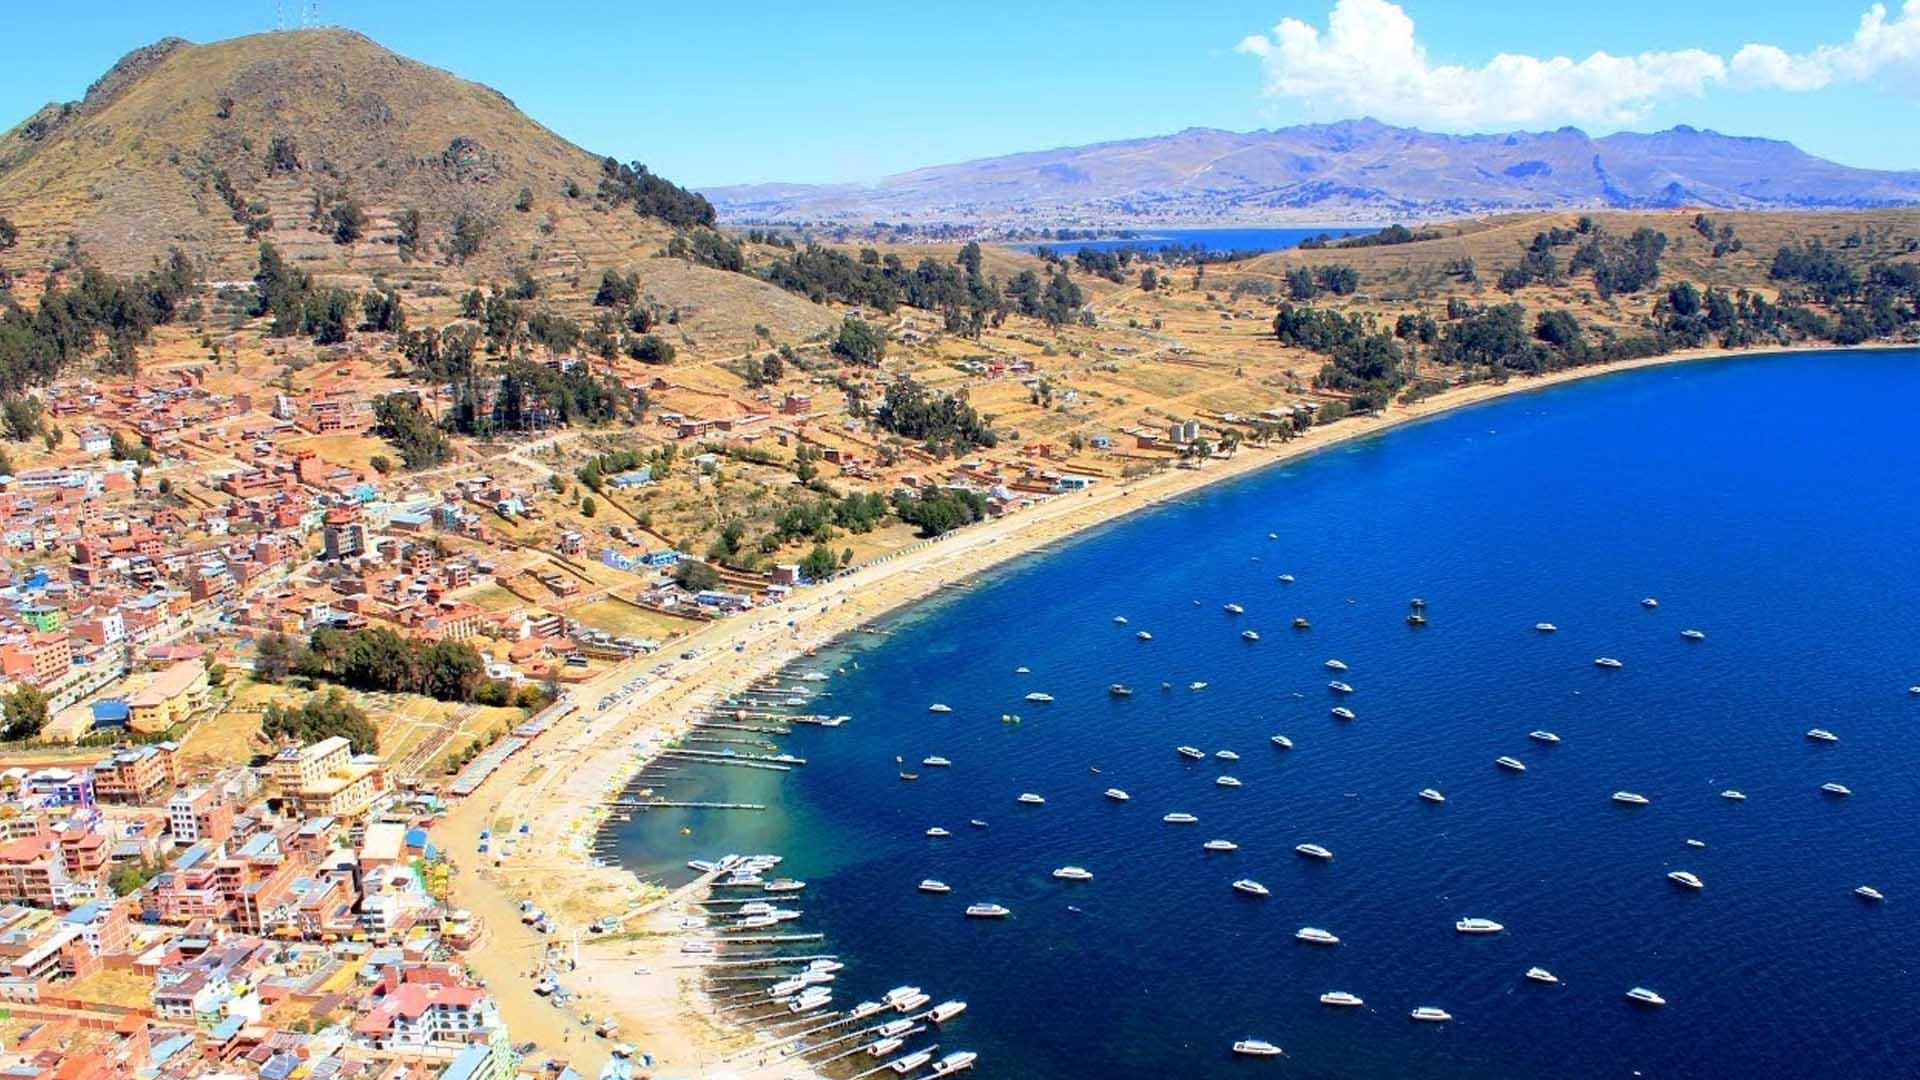 Un caso de coronavirus se confirmó en Copacabana – Bolivia